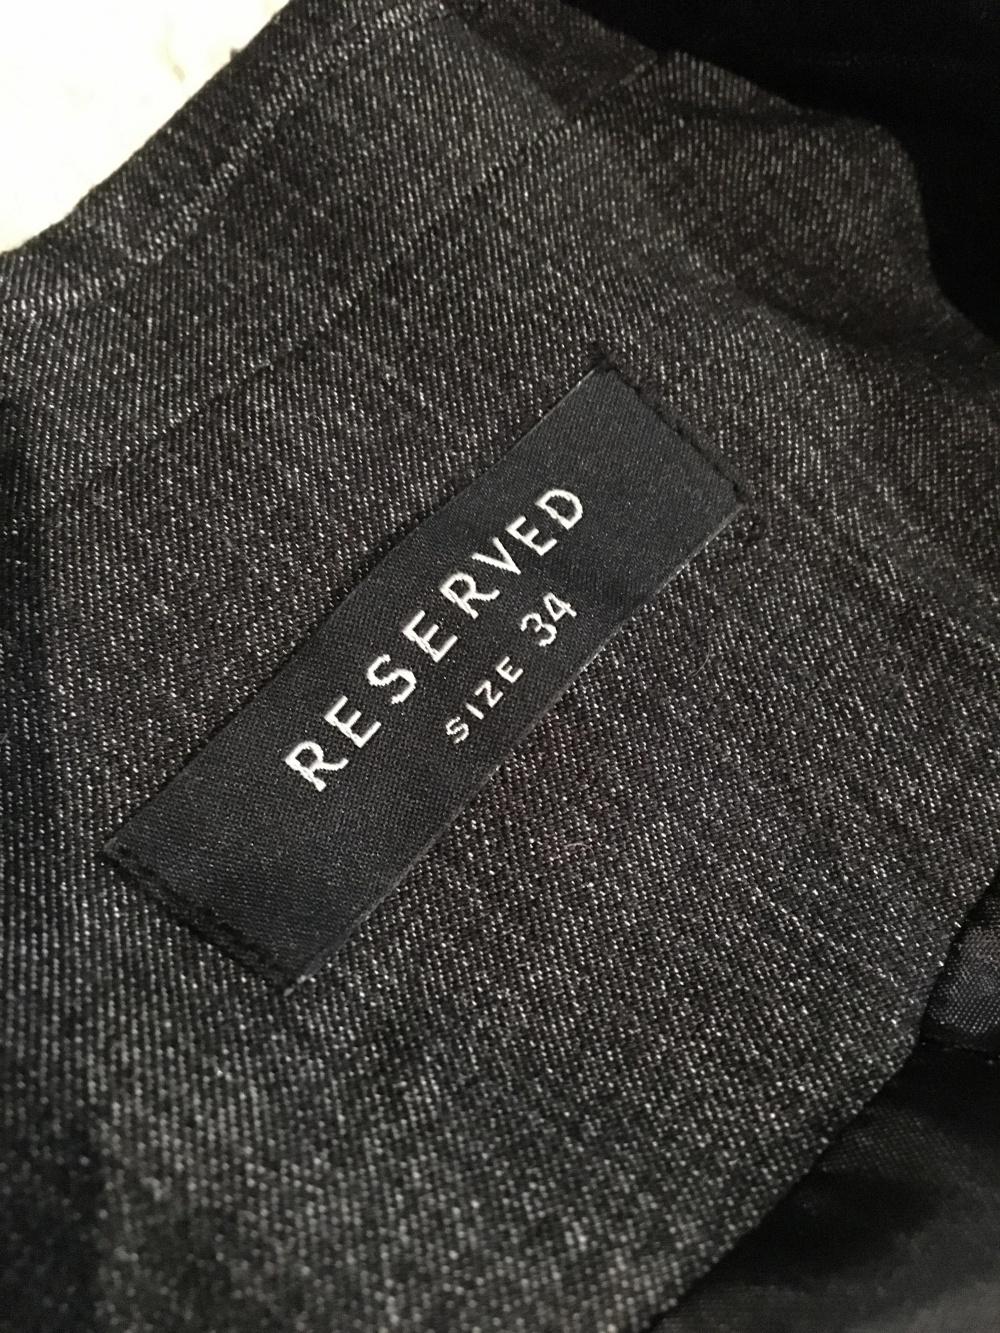 Приталенный пиджак Reserved, размер 34 eur